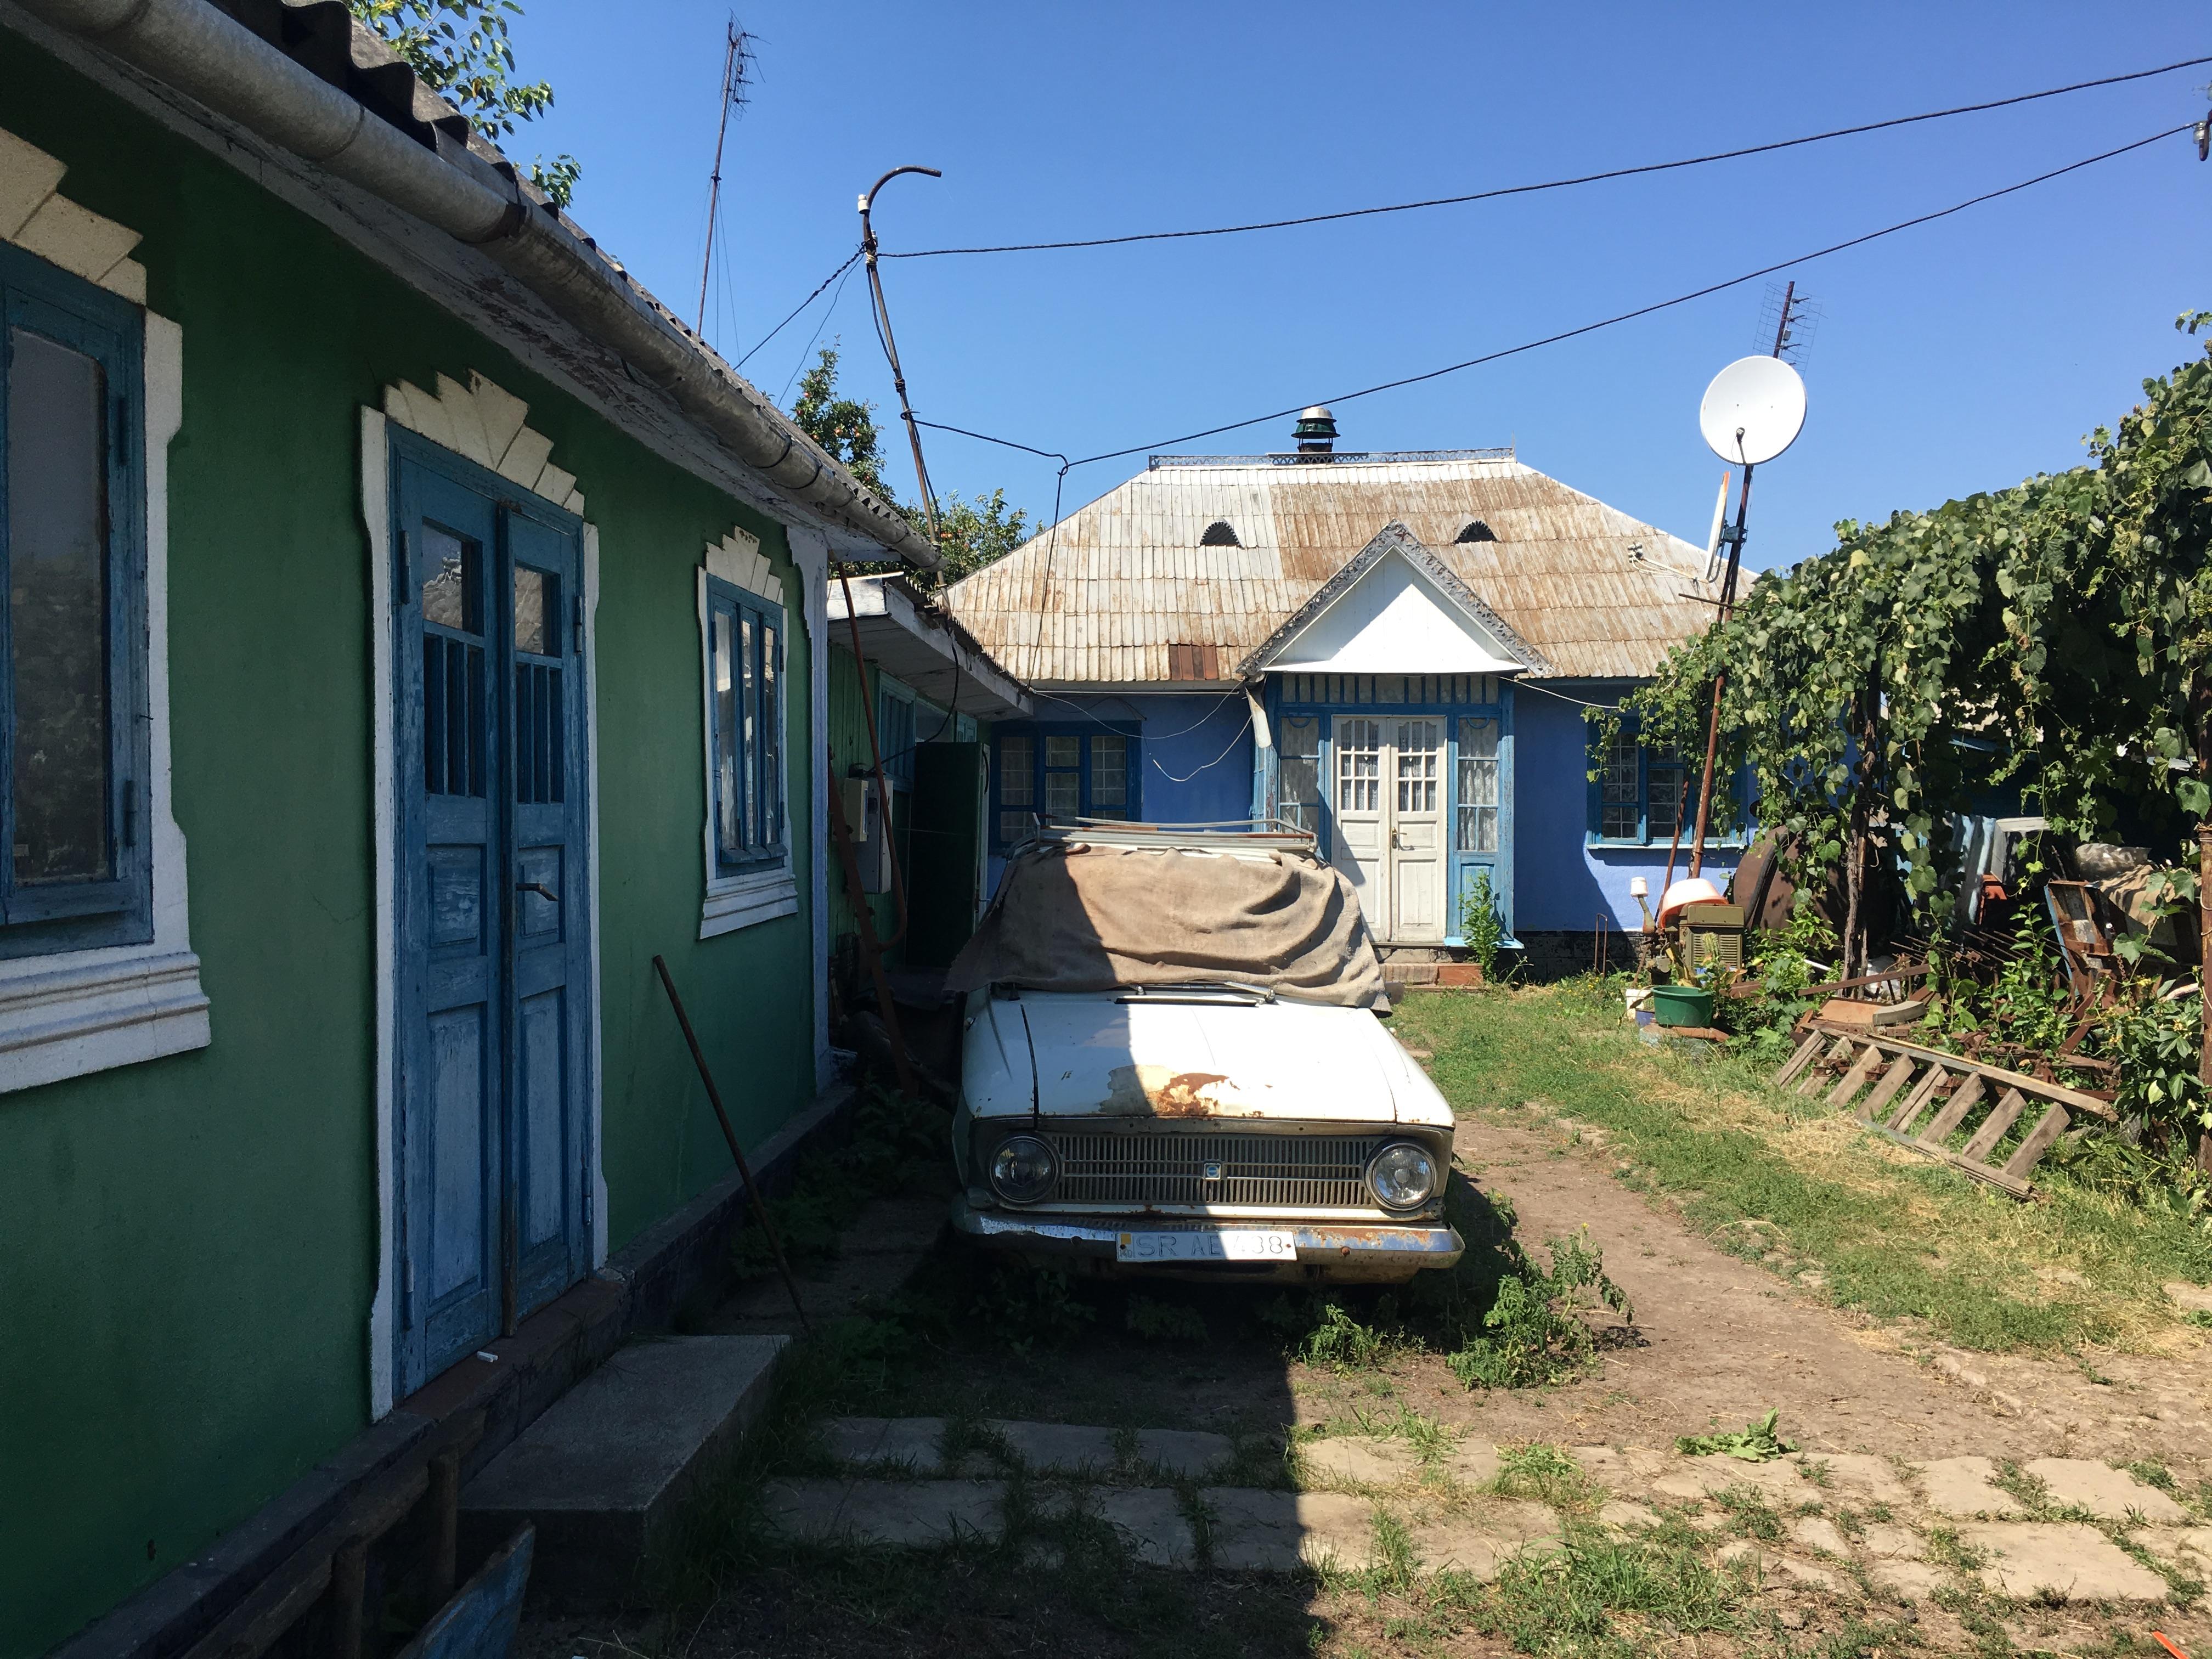 Ukraina autostopem? Dzień 4: A Mołdawia autostopem da się też? 13